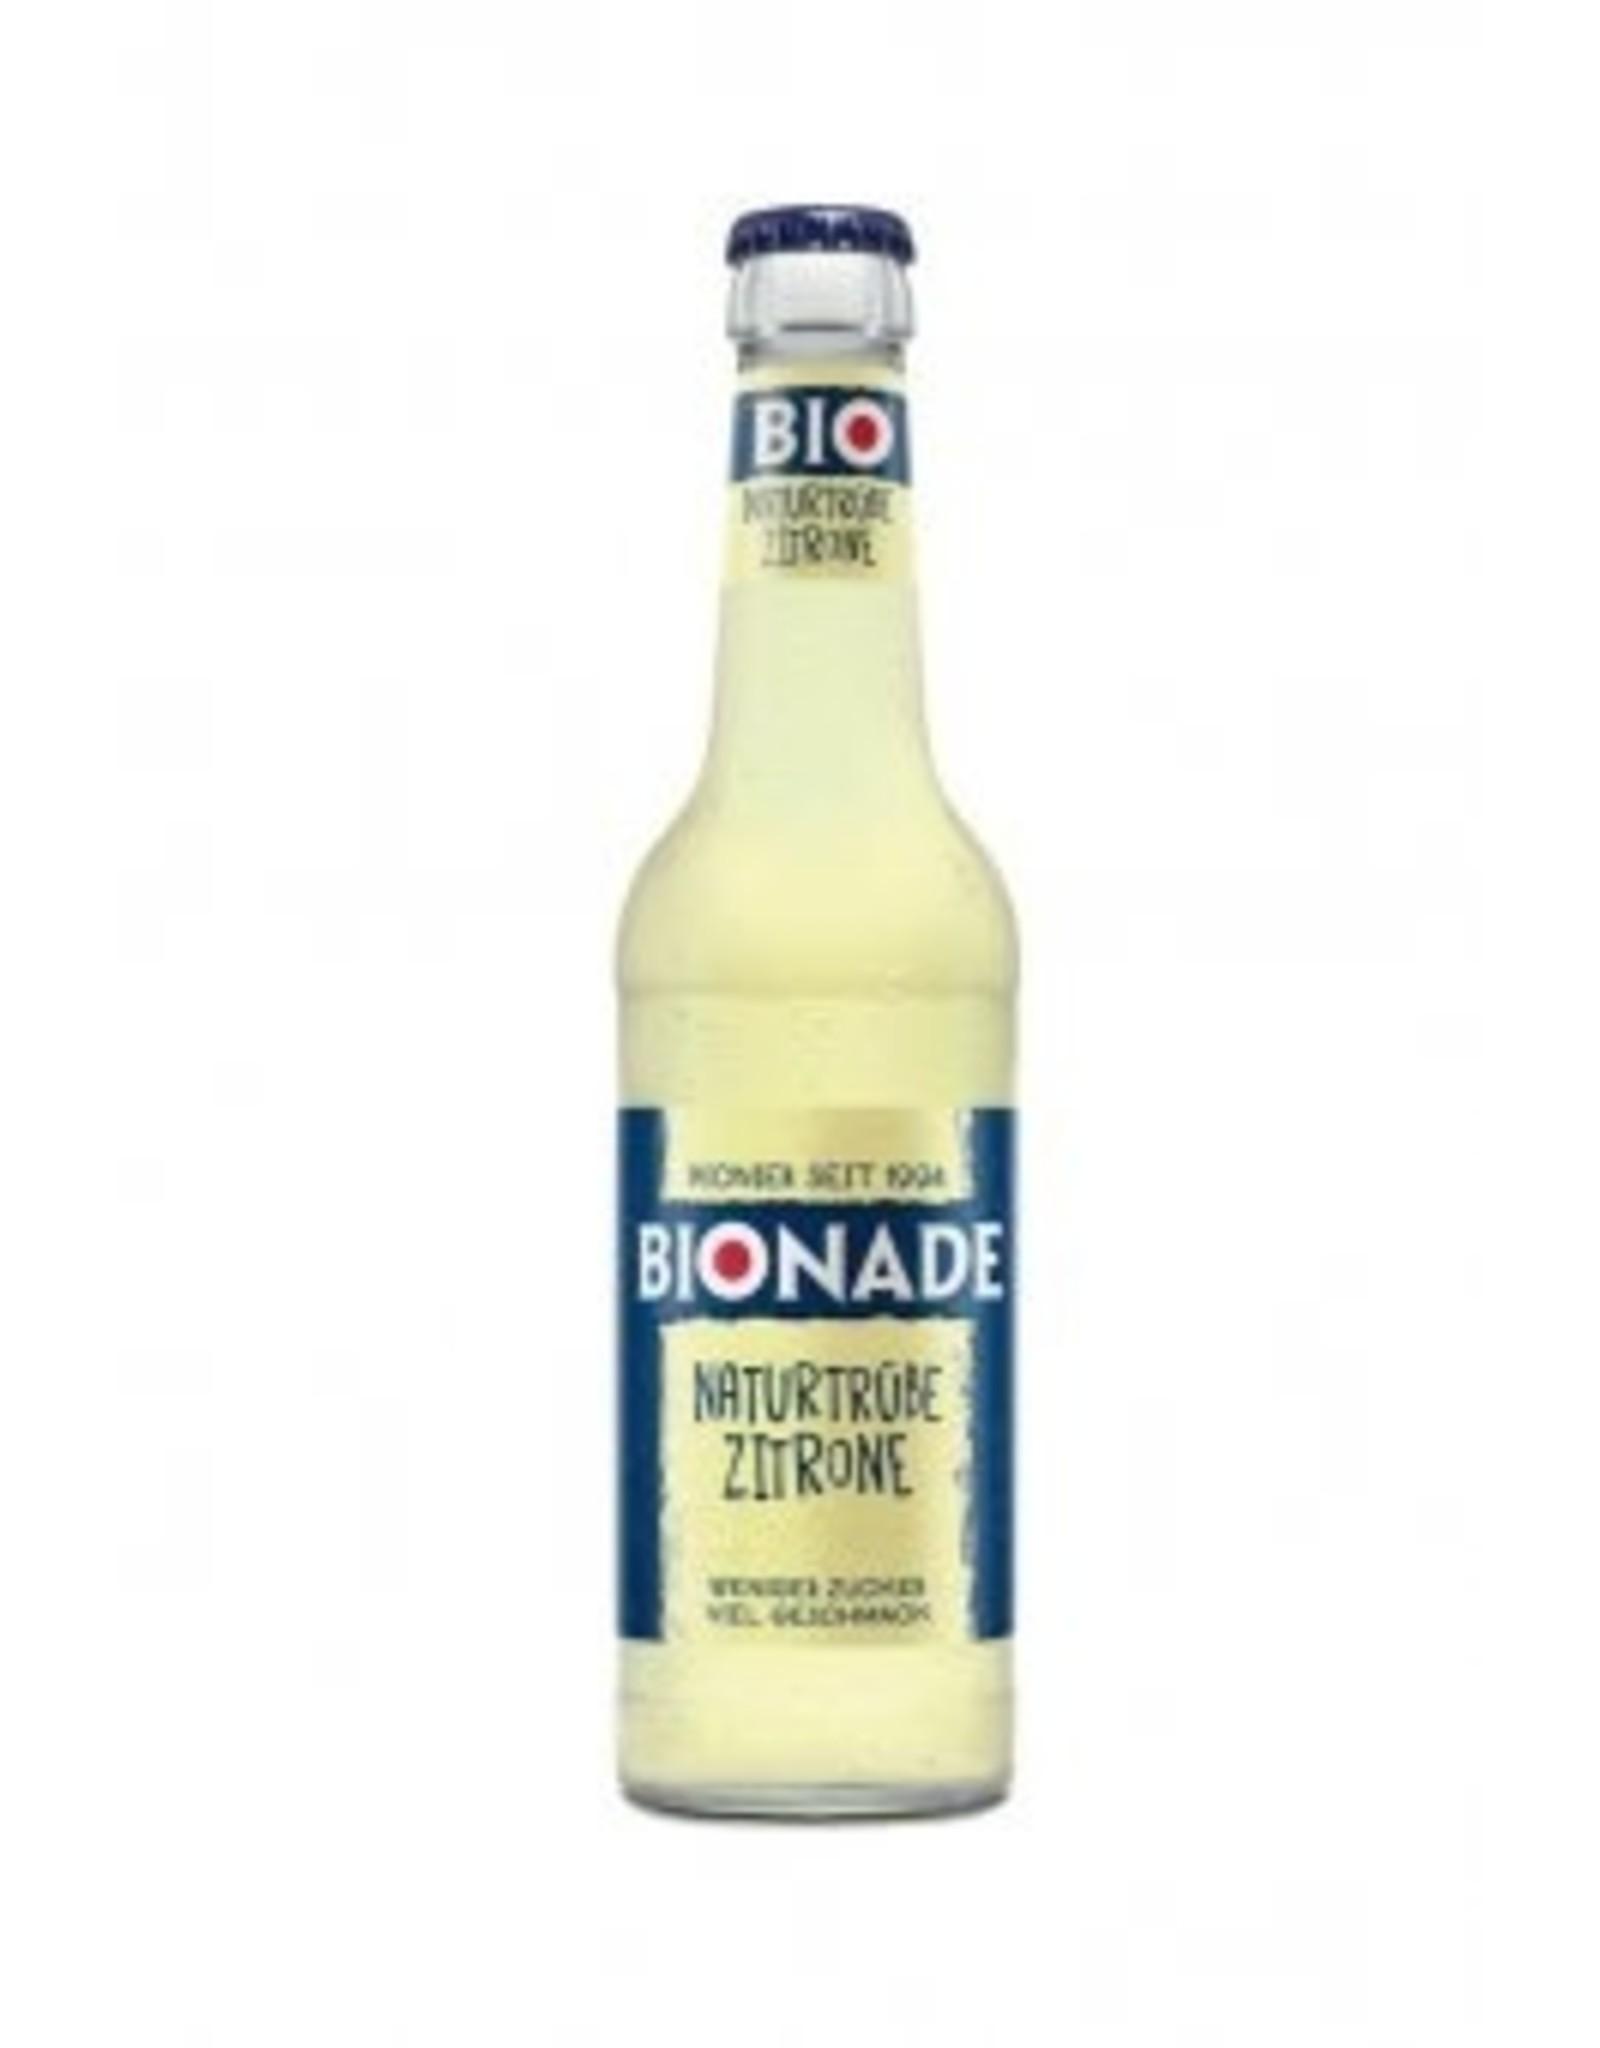 BIONADE Zitrone-Bergamotte, 330ml